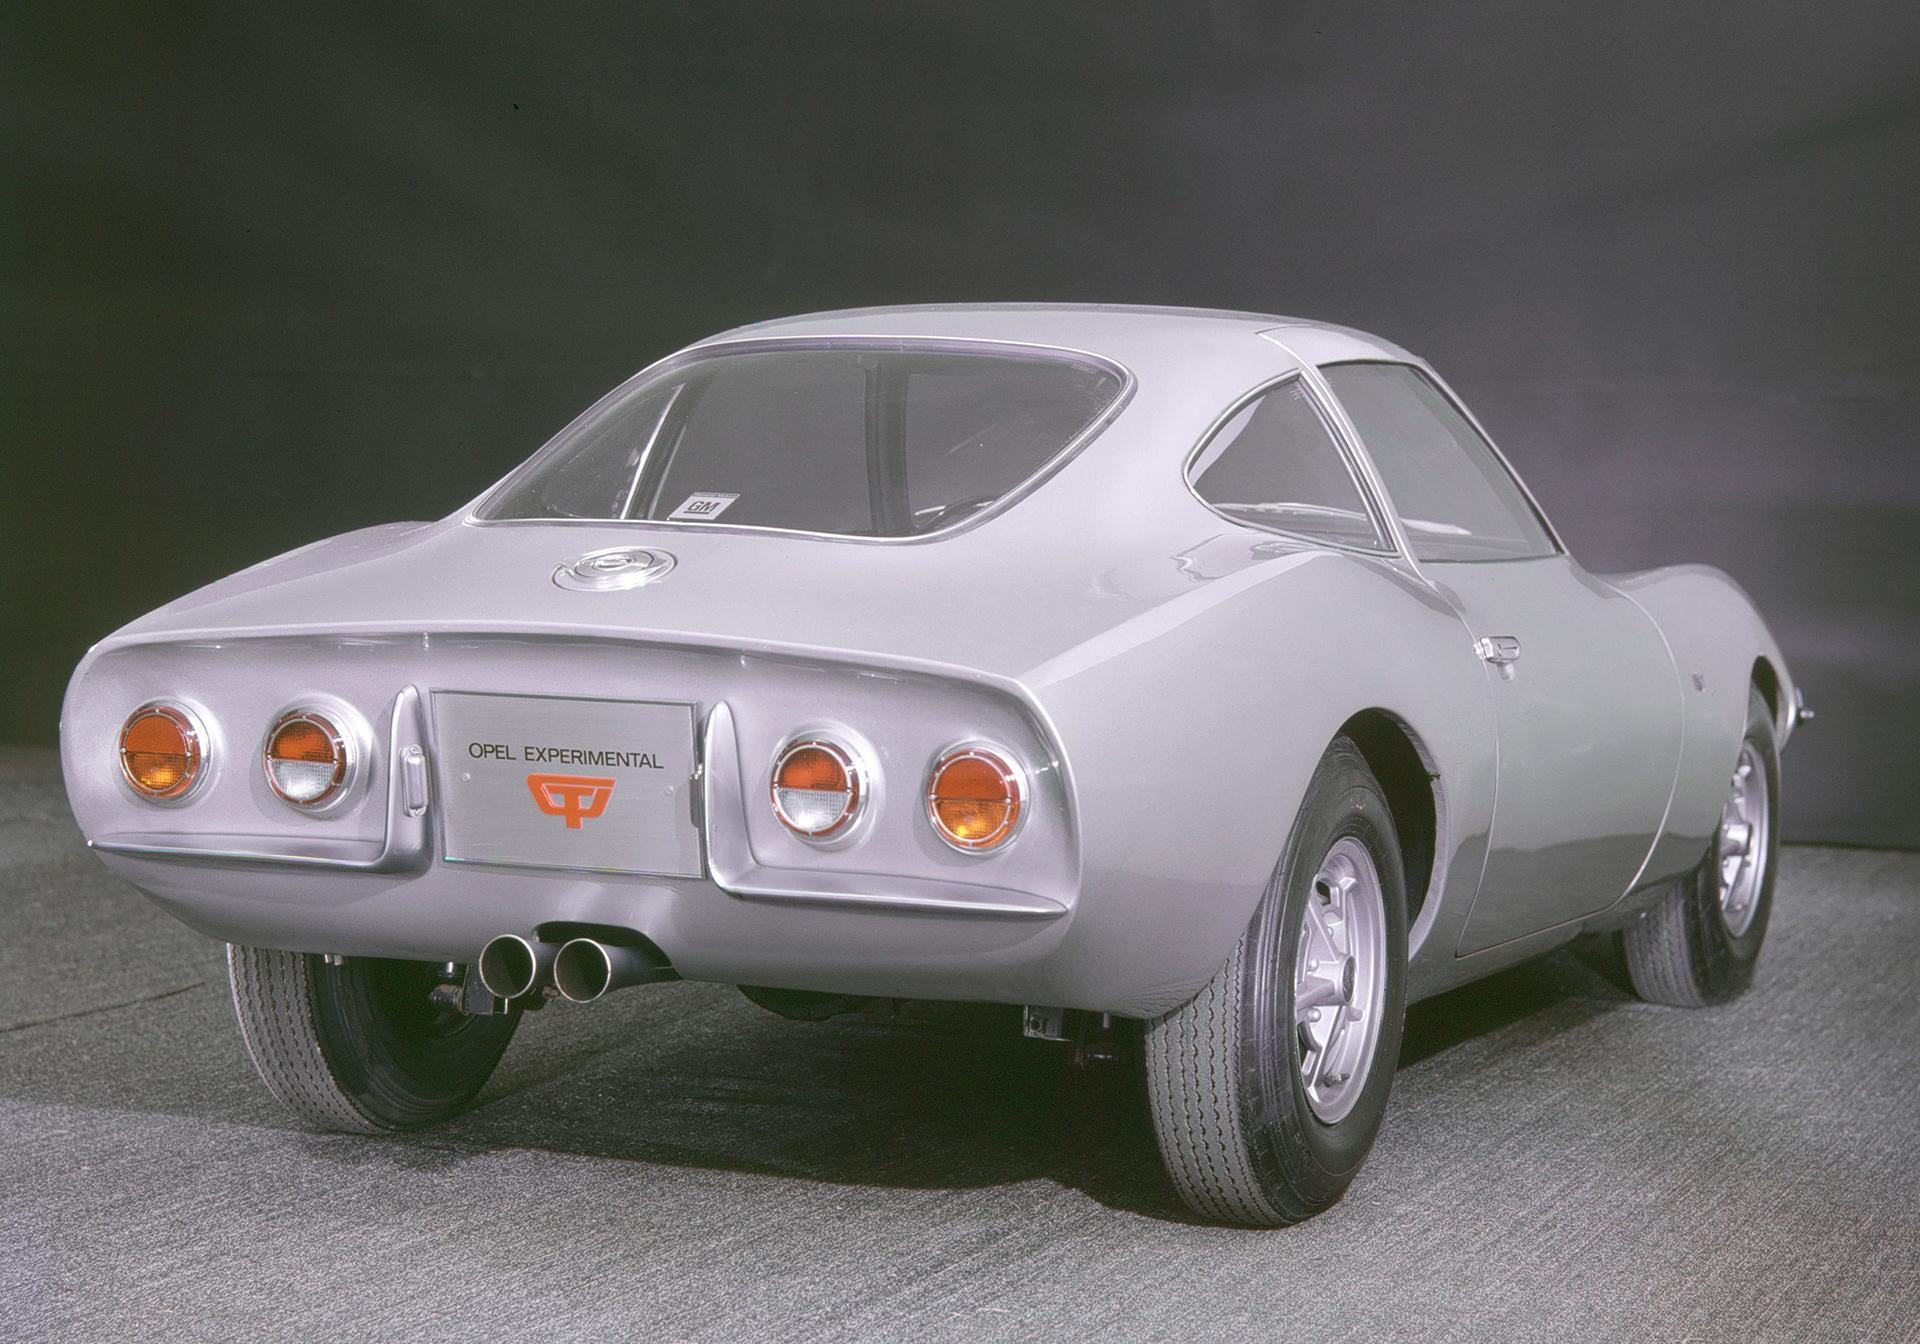 Opel Experimental GT - 1965 - arrière / rear - Image - GM Company.